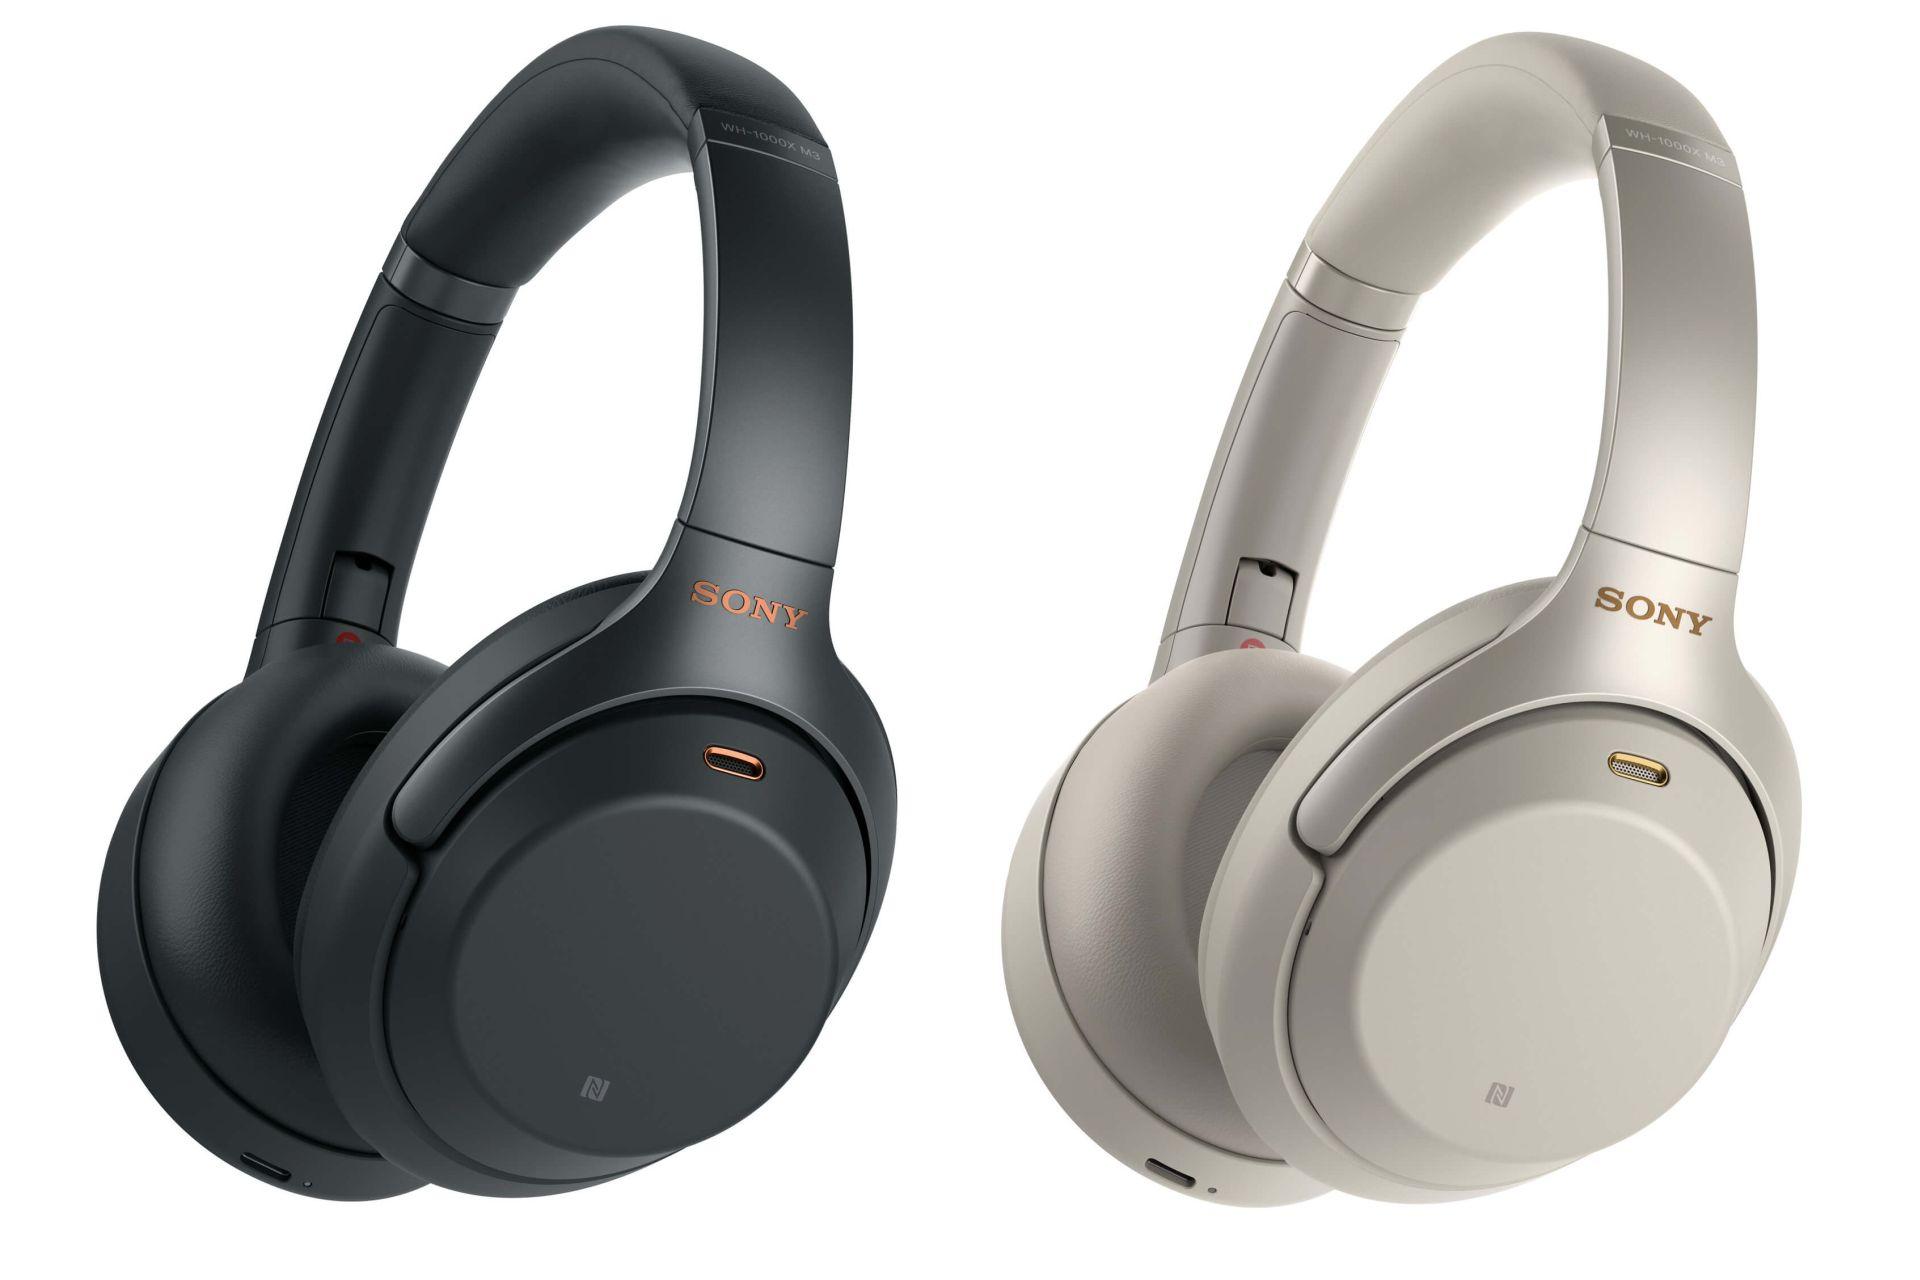 Bäst i test träningshörlurar brusreducering over ear Sony